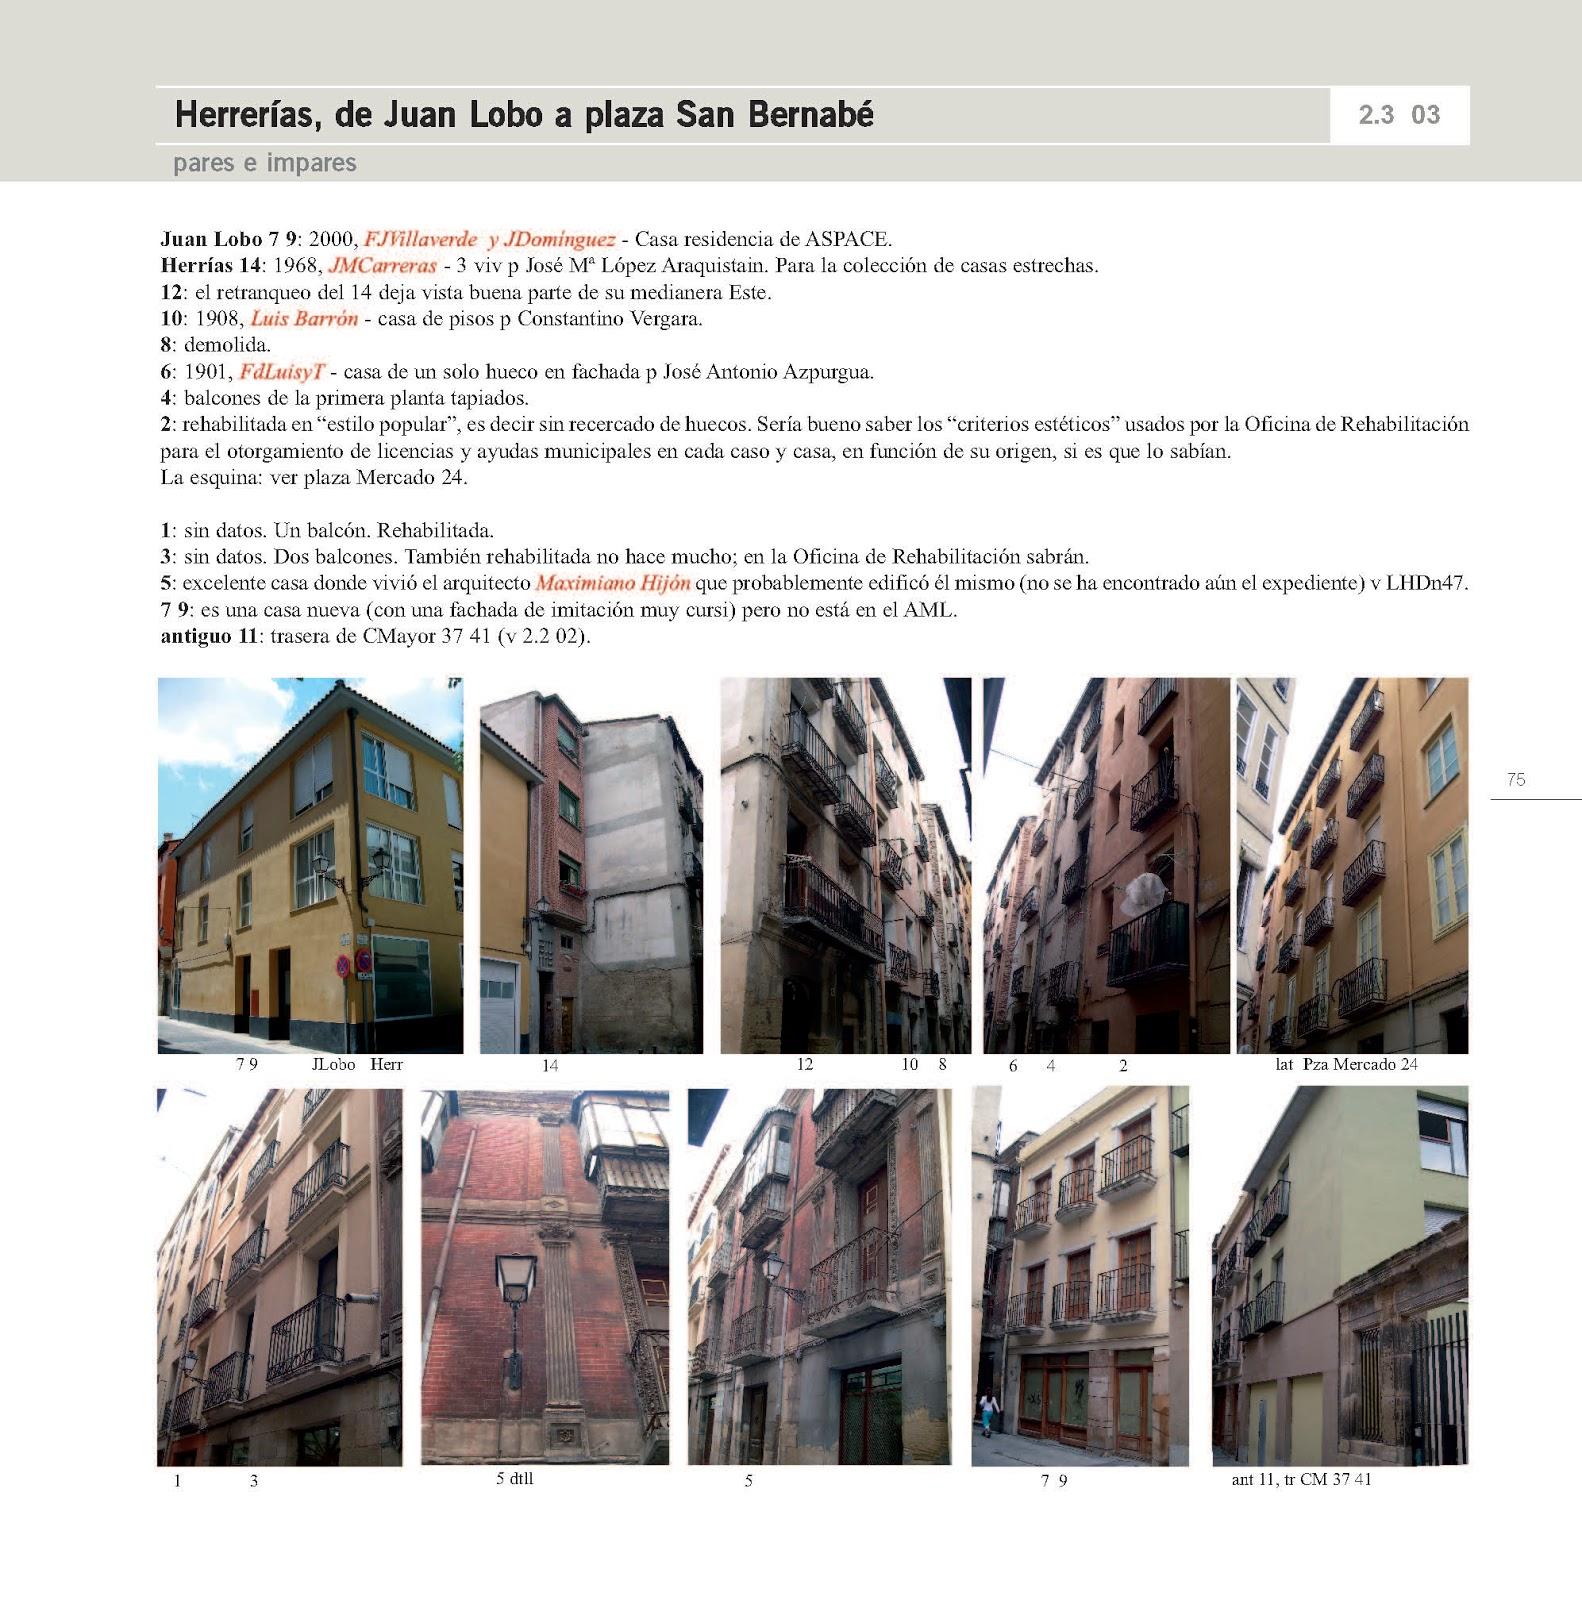 Guia de arquitectura de logro o paginas 2 3 03 for Paginas arquitectura